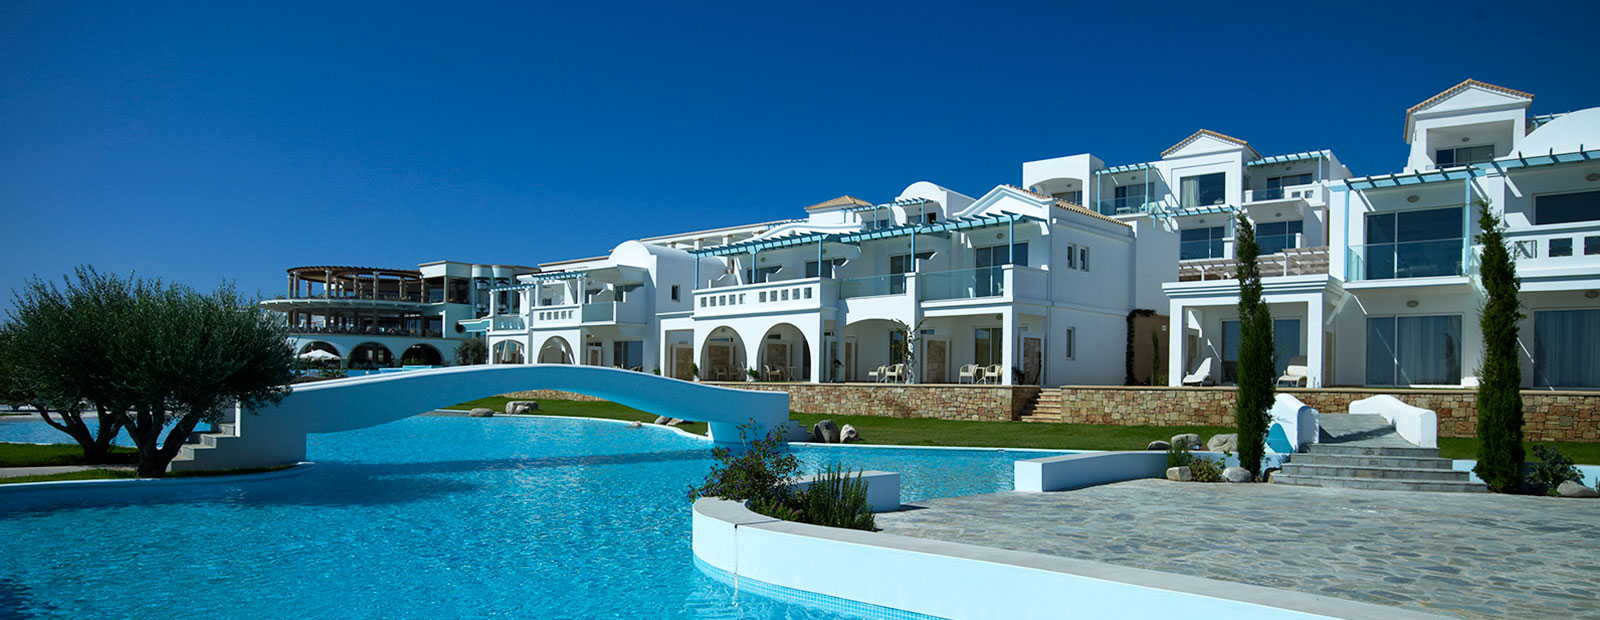 exklusive hotels griechenland strandhotels designhotels am